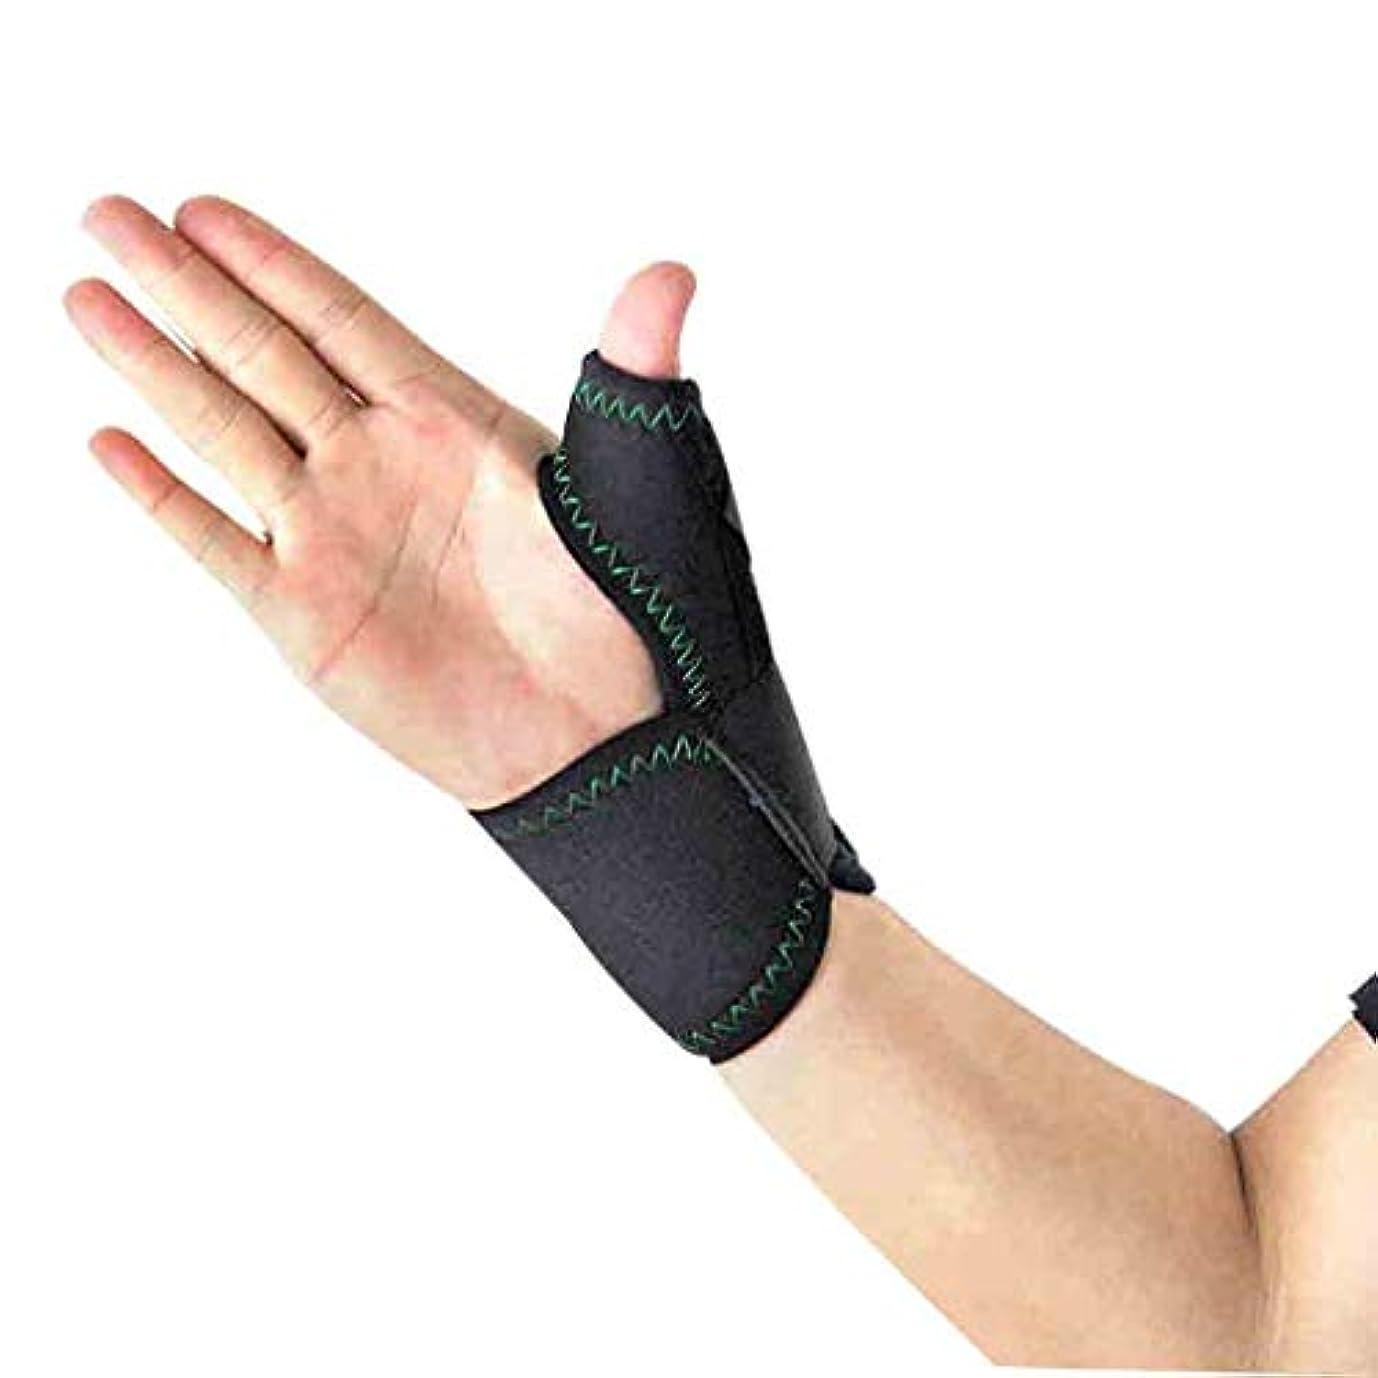 集団的病弱敵対的Thumbブレースは、手首のストラップでトリガーThumbガードのThumbのスプリントをラップします。ブレースThumbのスプリント、Thumbの関節炎の痛みを軽減するブレース(1個、ユニセックス、左&右手、M) Roscloud@